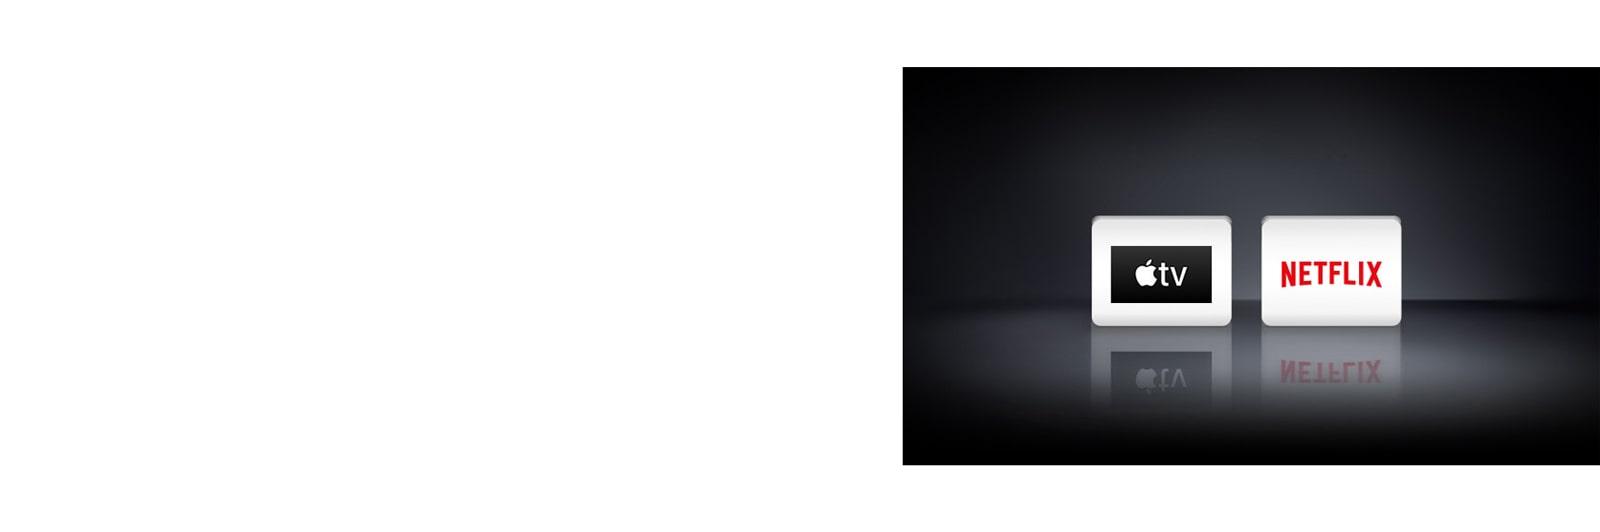 شعارات التطبيقات الأربعة من اليسار إلى اليمين: تطبيق Apple TV، ديزني+، نتفليكس، قنوات إل جي